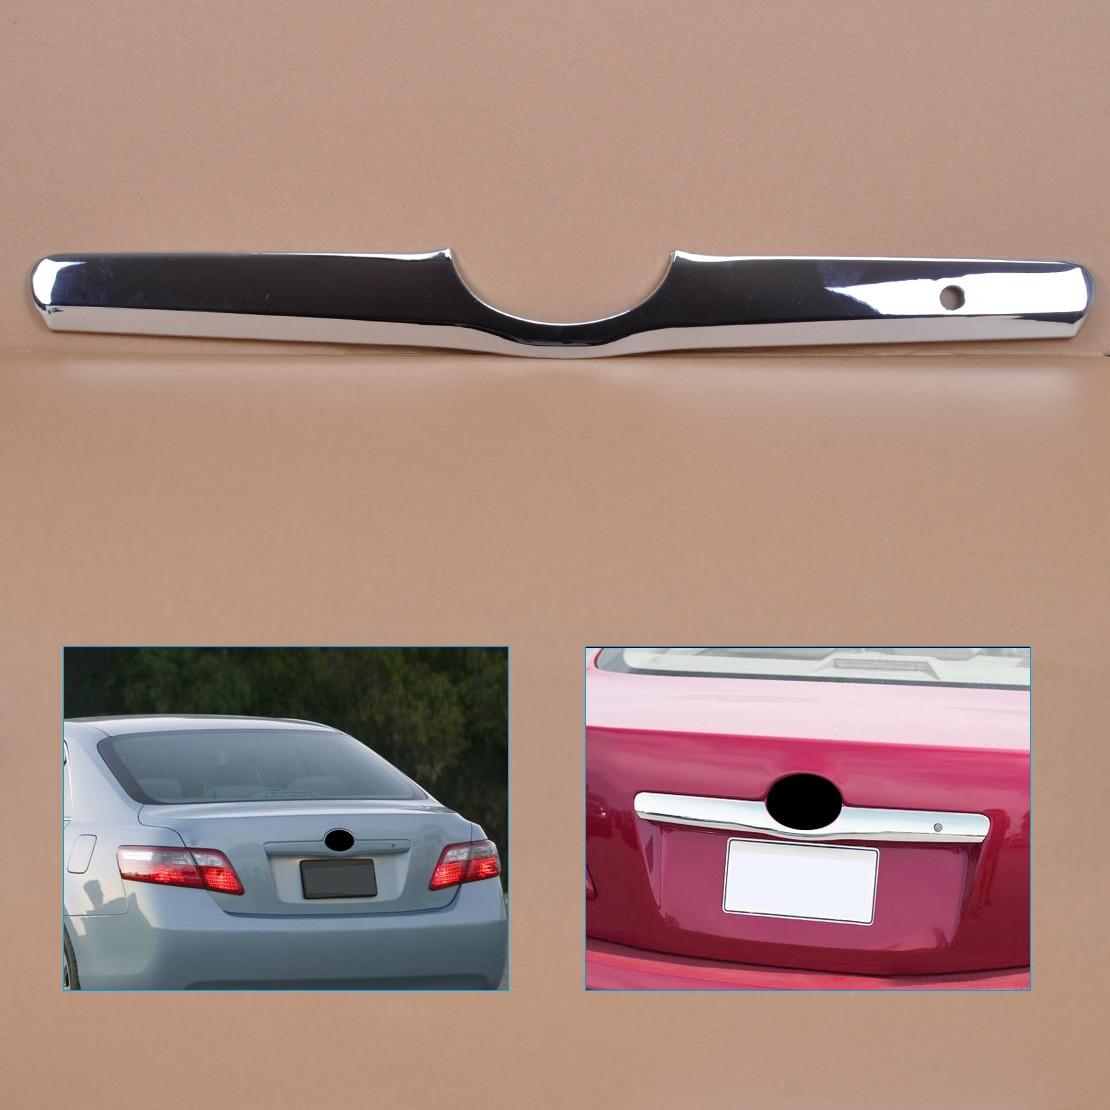 DWCX Auto Chrom Dekorativen Rear Door Tailgate Trunk Hatch Lünette abdeckung Fit für Toyota Camry 2006 2007 2008 2009 2010 2011